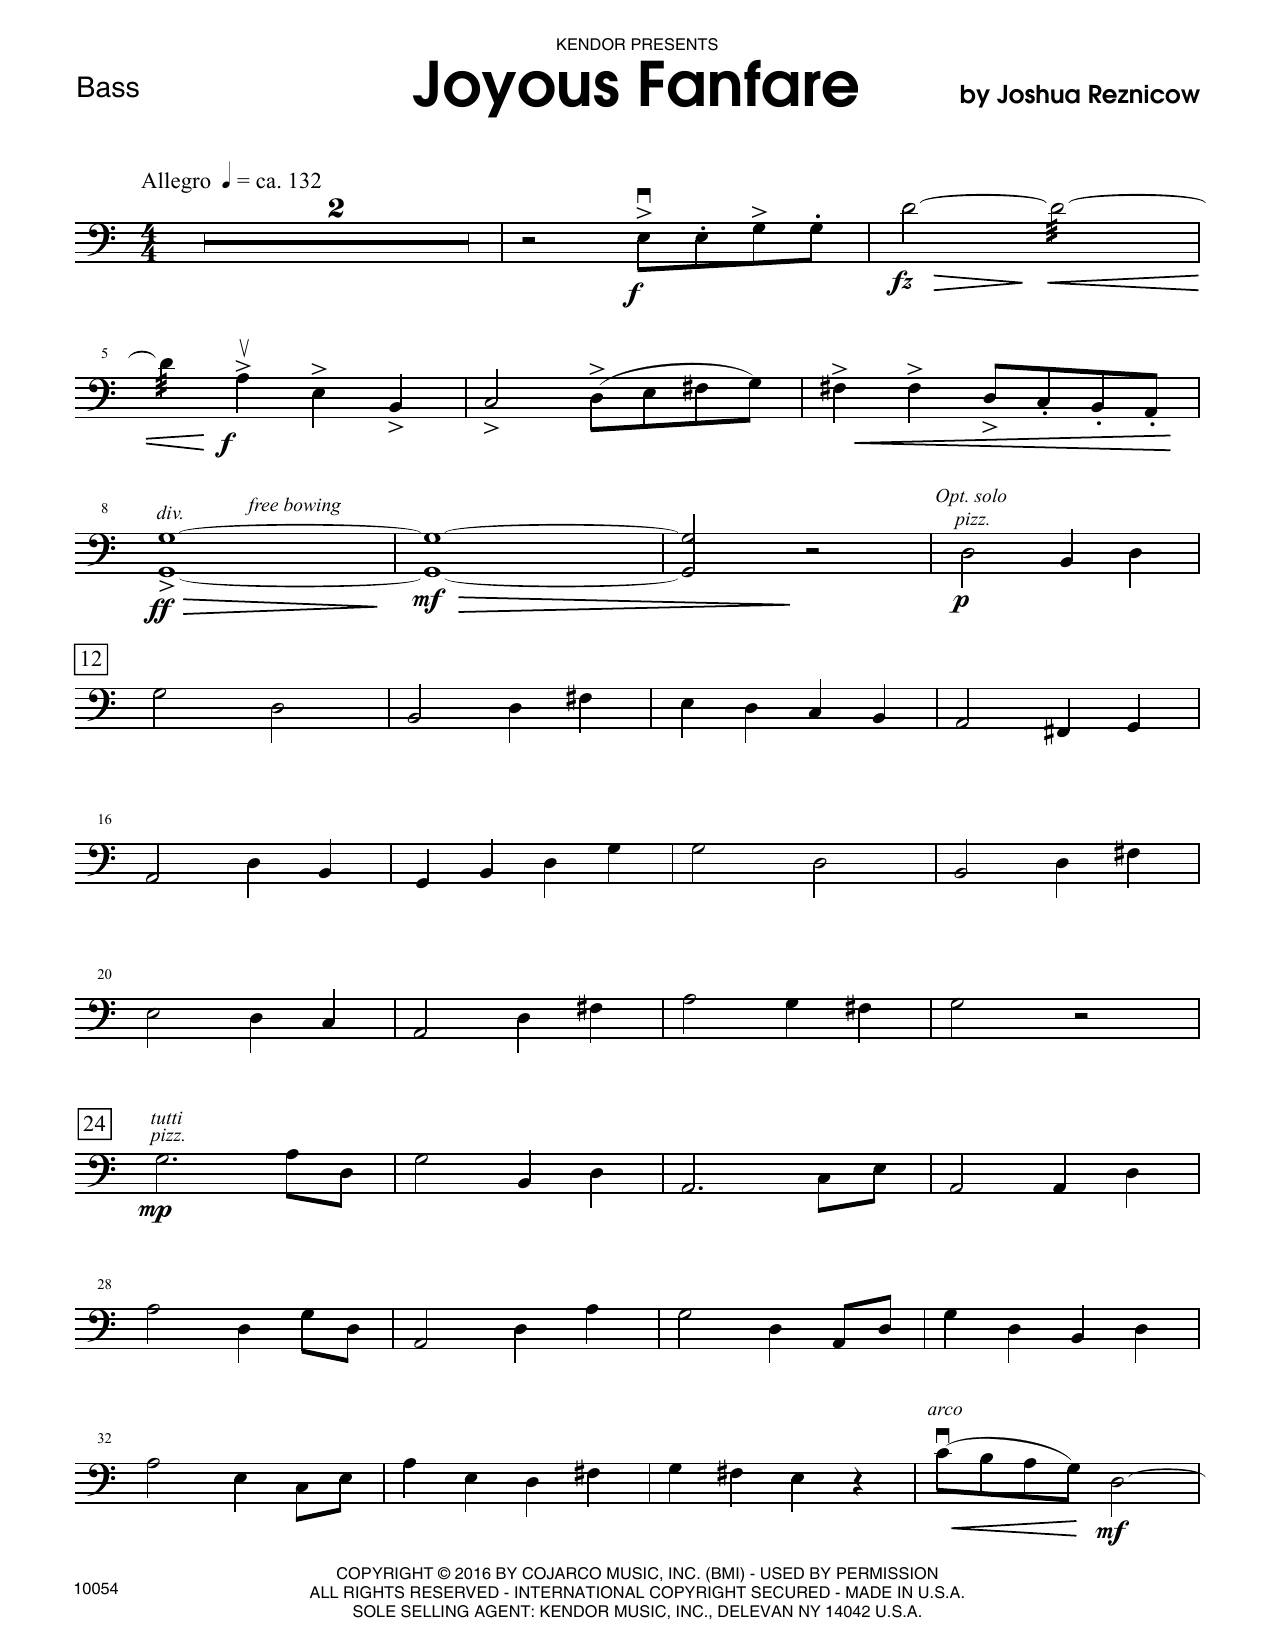 Joyous Fanfare - Bass